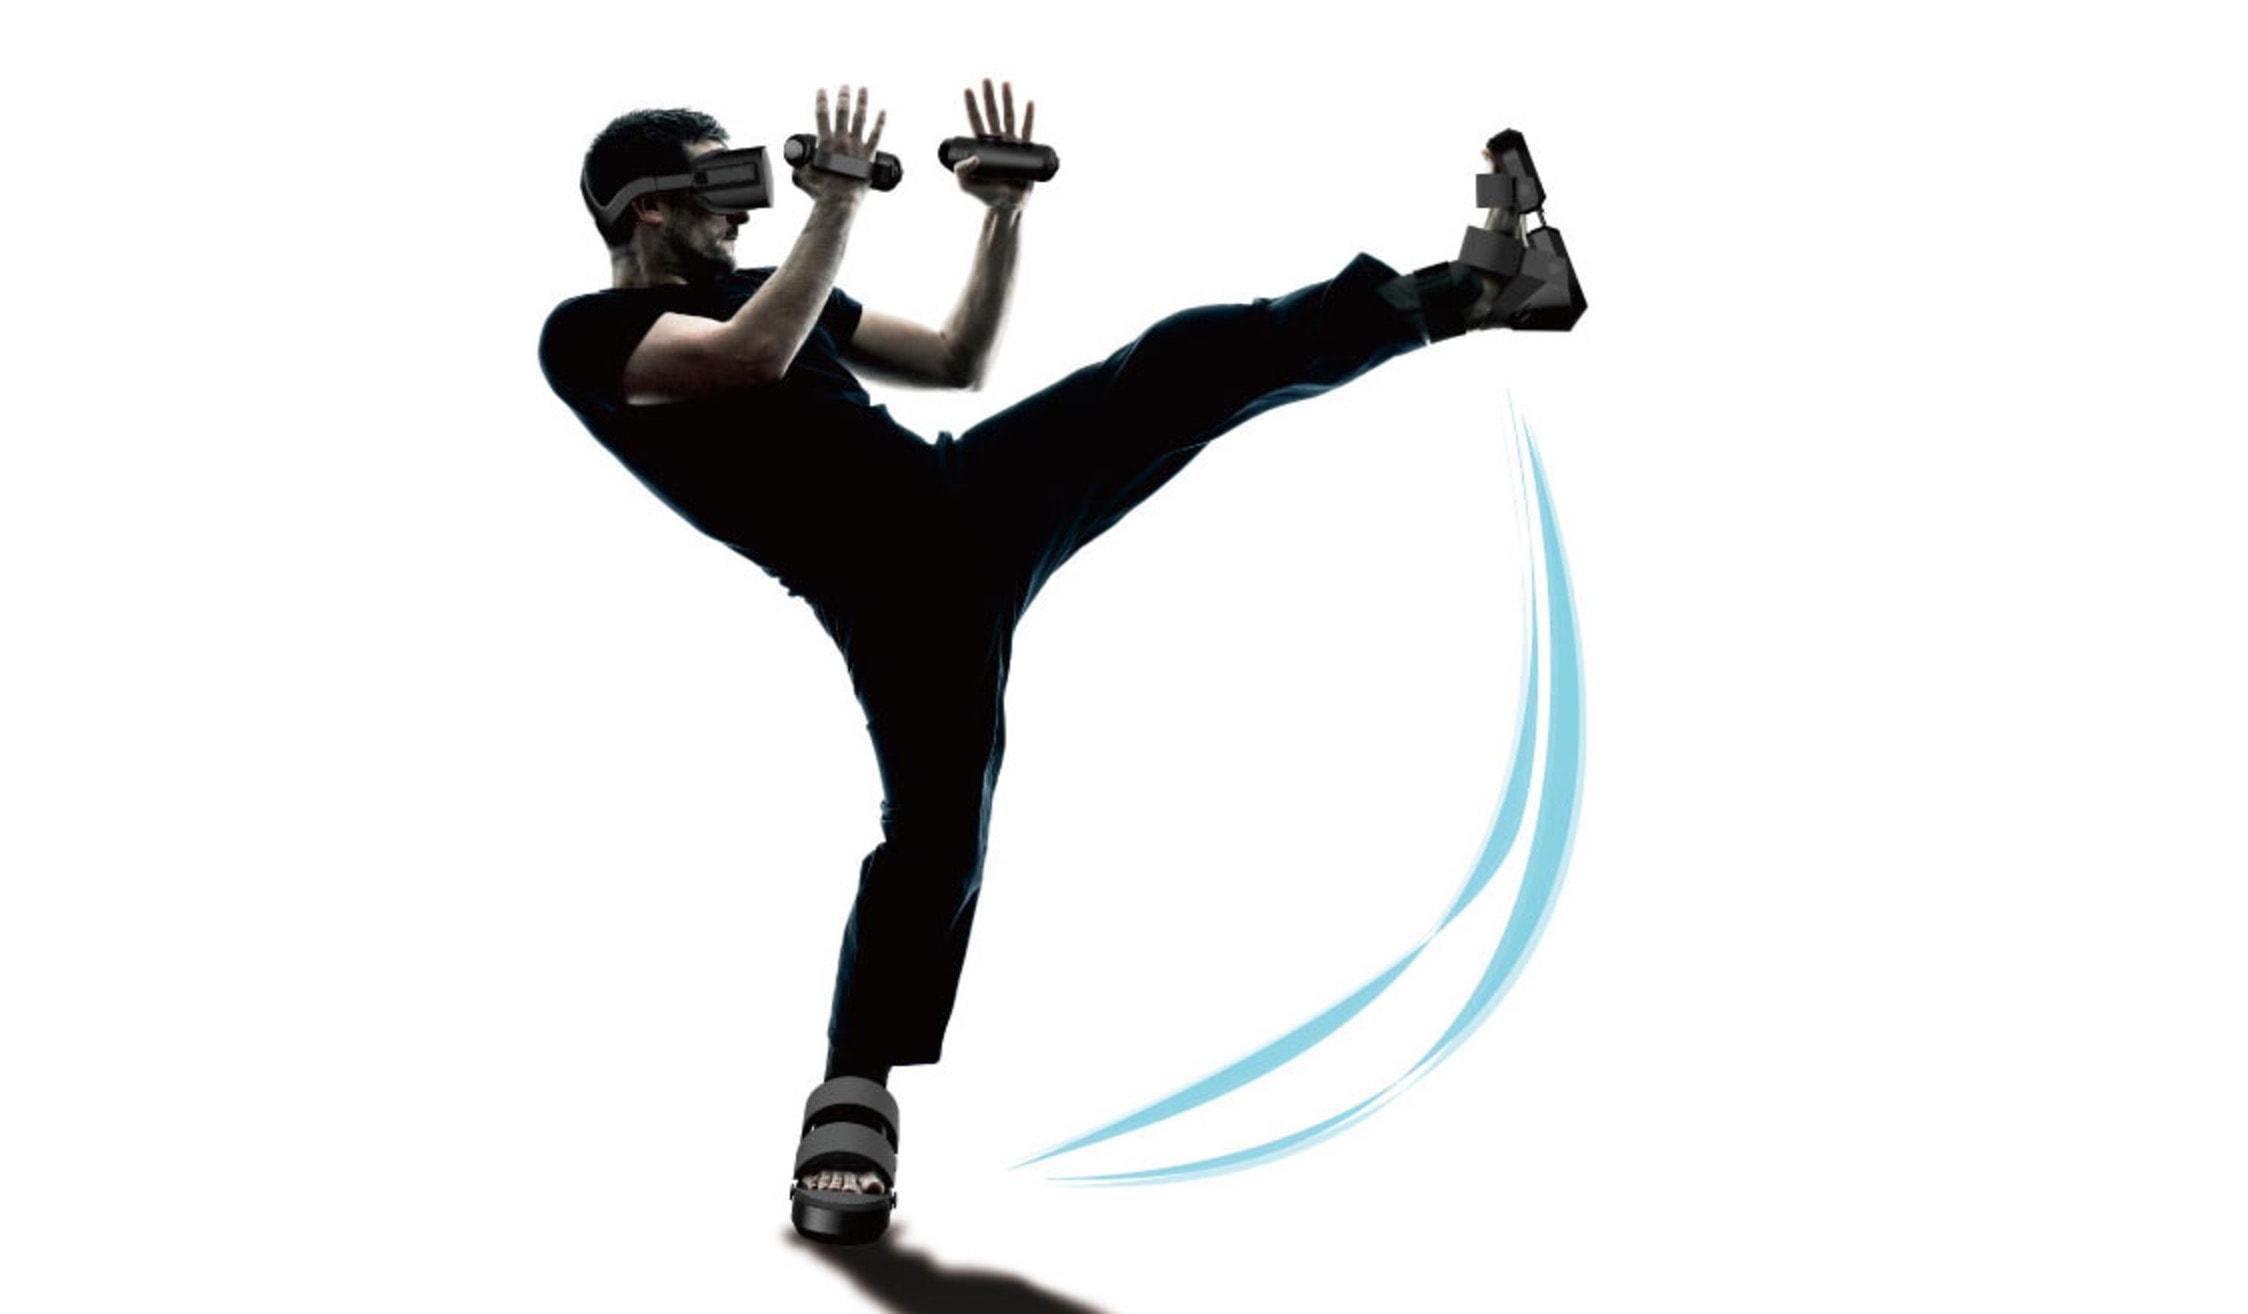 taclim par cevero - La réalité virtuelle jusque dans vos pieds